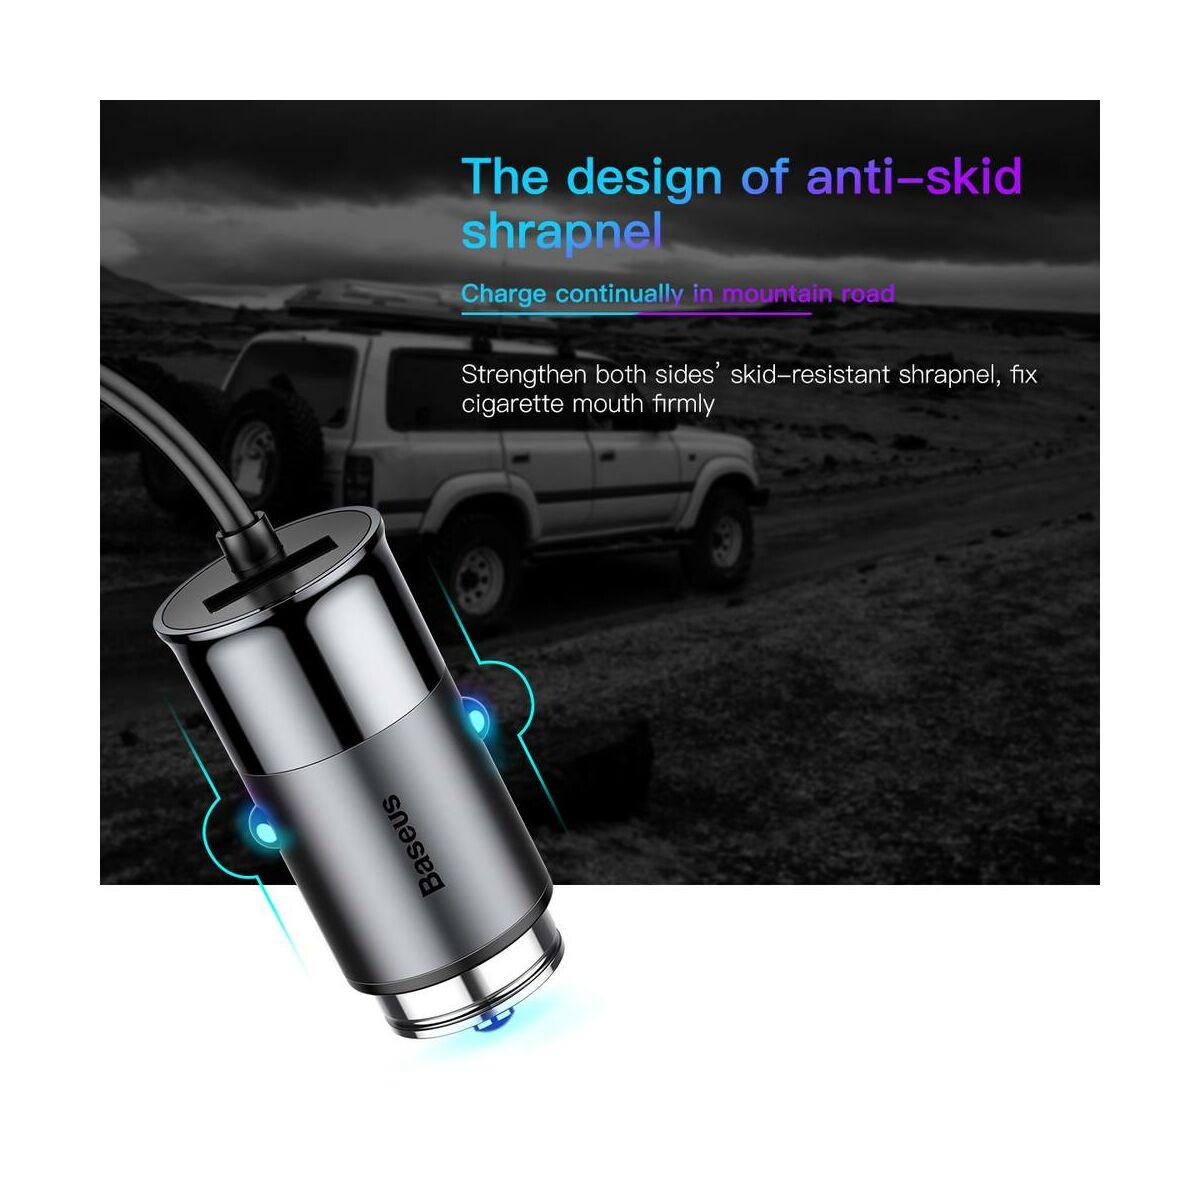 Baseus autós töltő, Enjoy Together 2-in-1 Lightning és Type-C, 4,8A, 1.2m, sötét szürke (CCALL-EL0G)